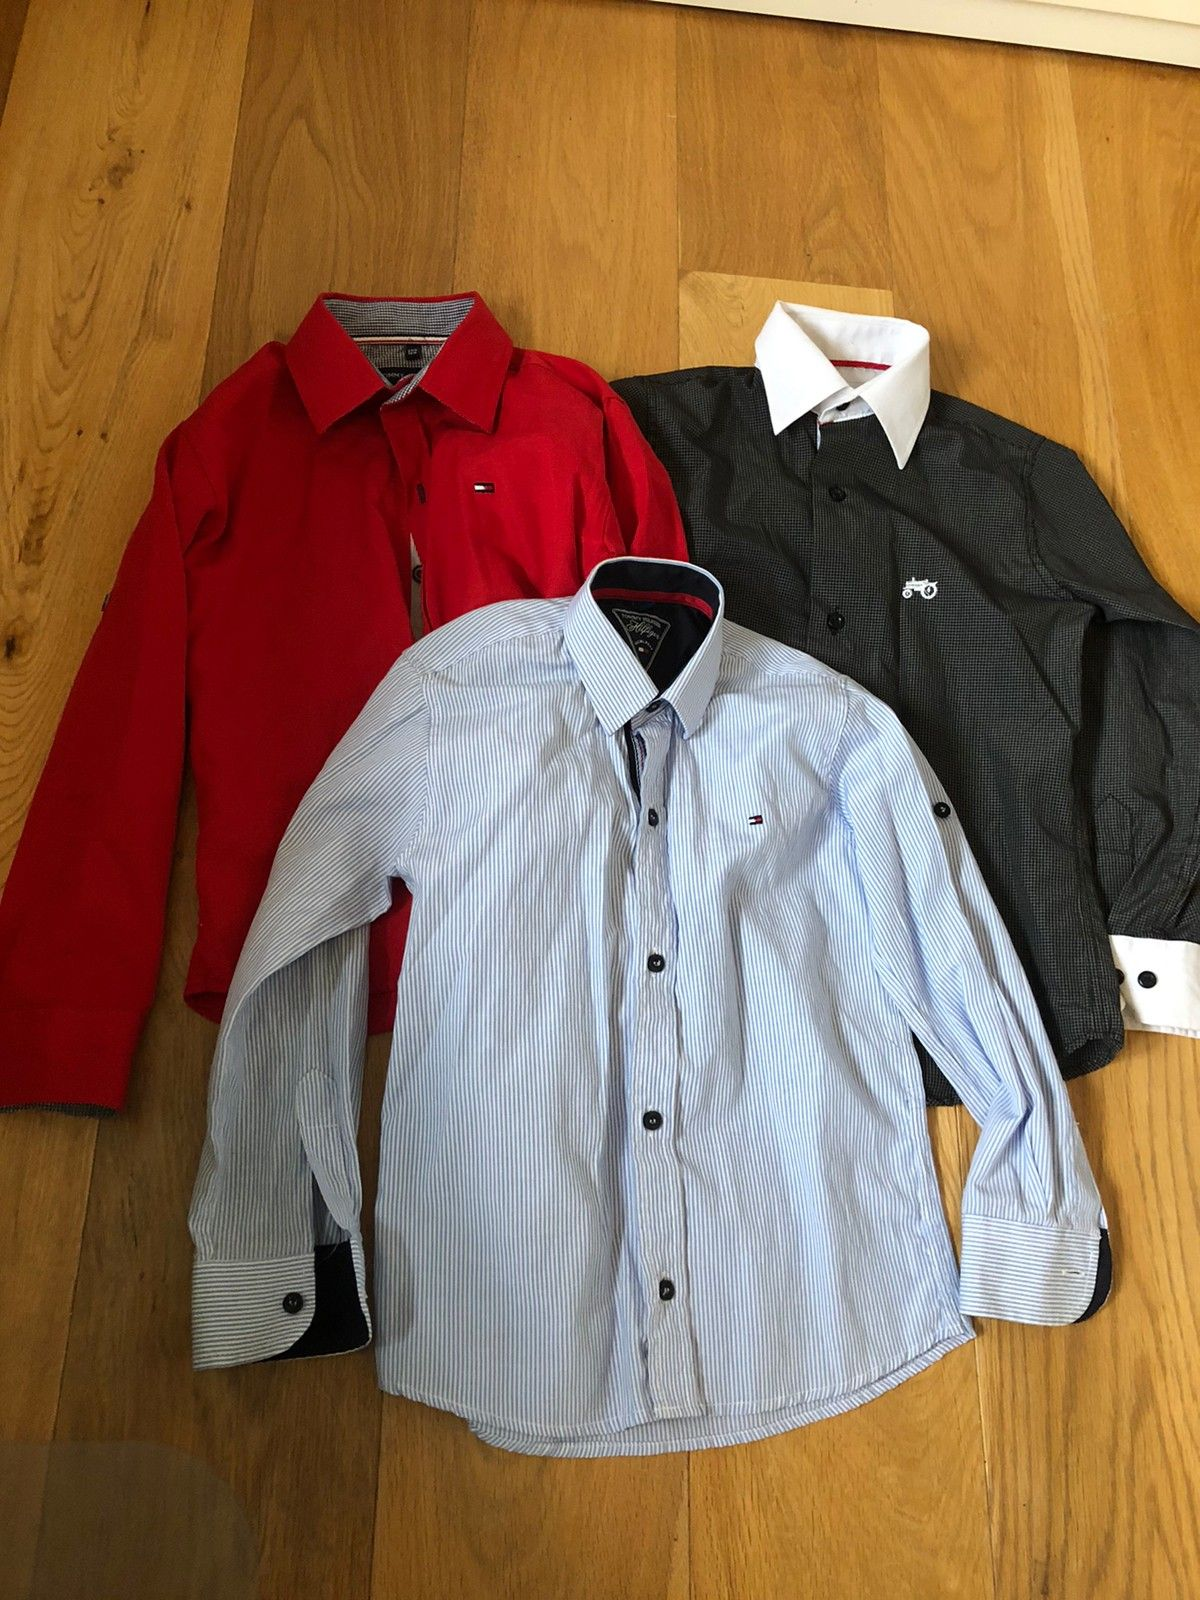 2 stk skjorter til gutt 8 9 år | FINN.no